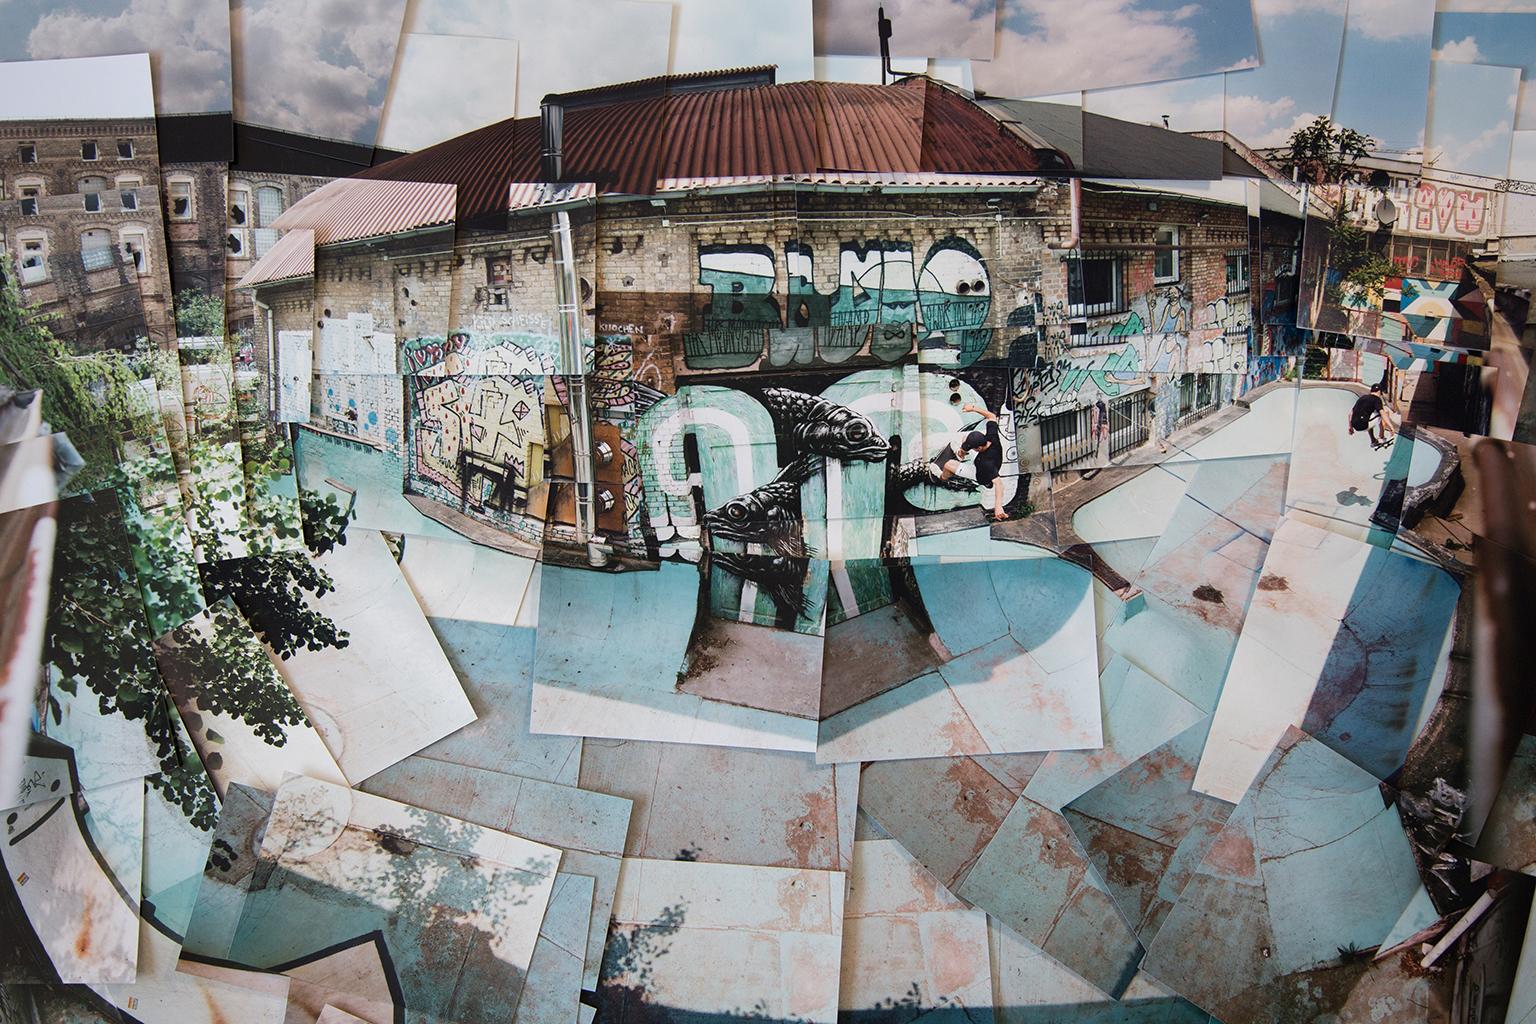 BILDER_david-hockney_collage_betonhausen_highres-2-1